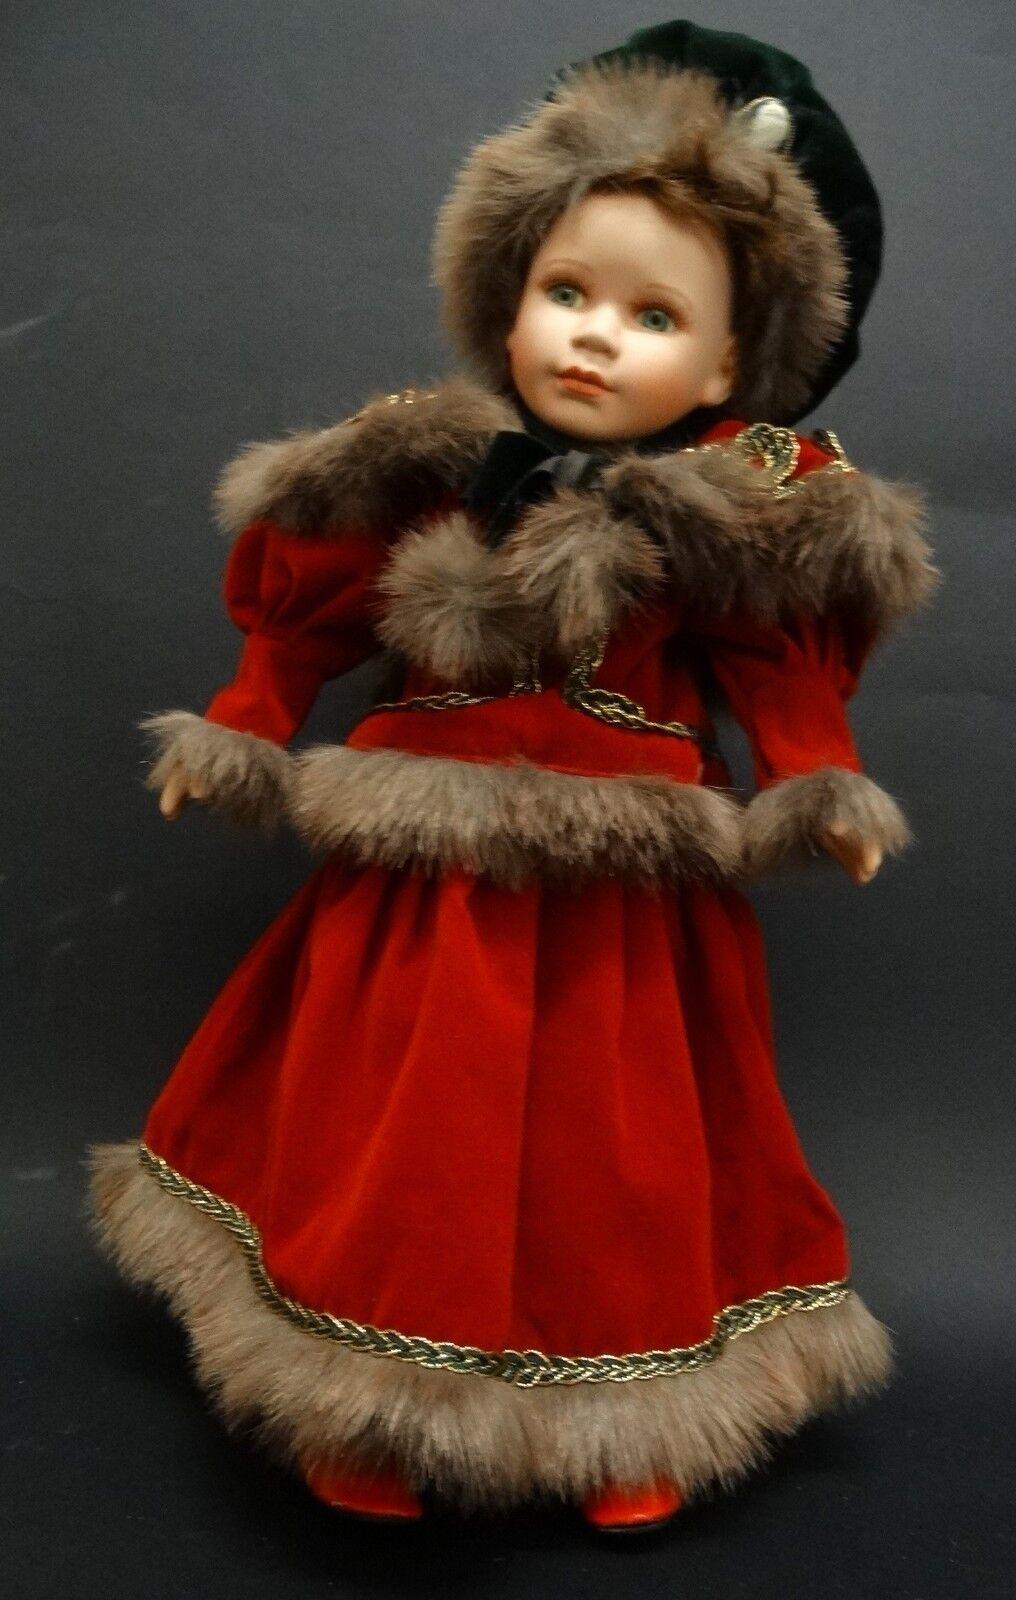 BAMBOLA  ANTICA porcellana ABITO Russia EPOCA collezione H42cm vestito rosso  ordina ora i prezzi più bassi